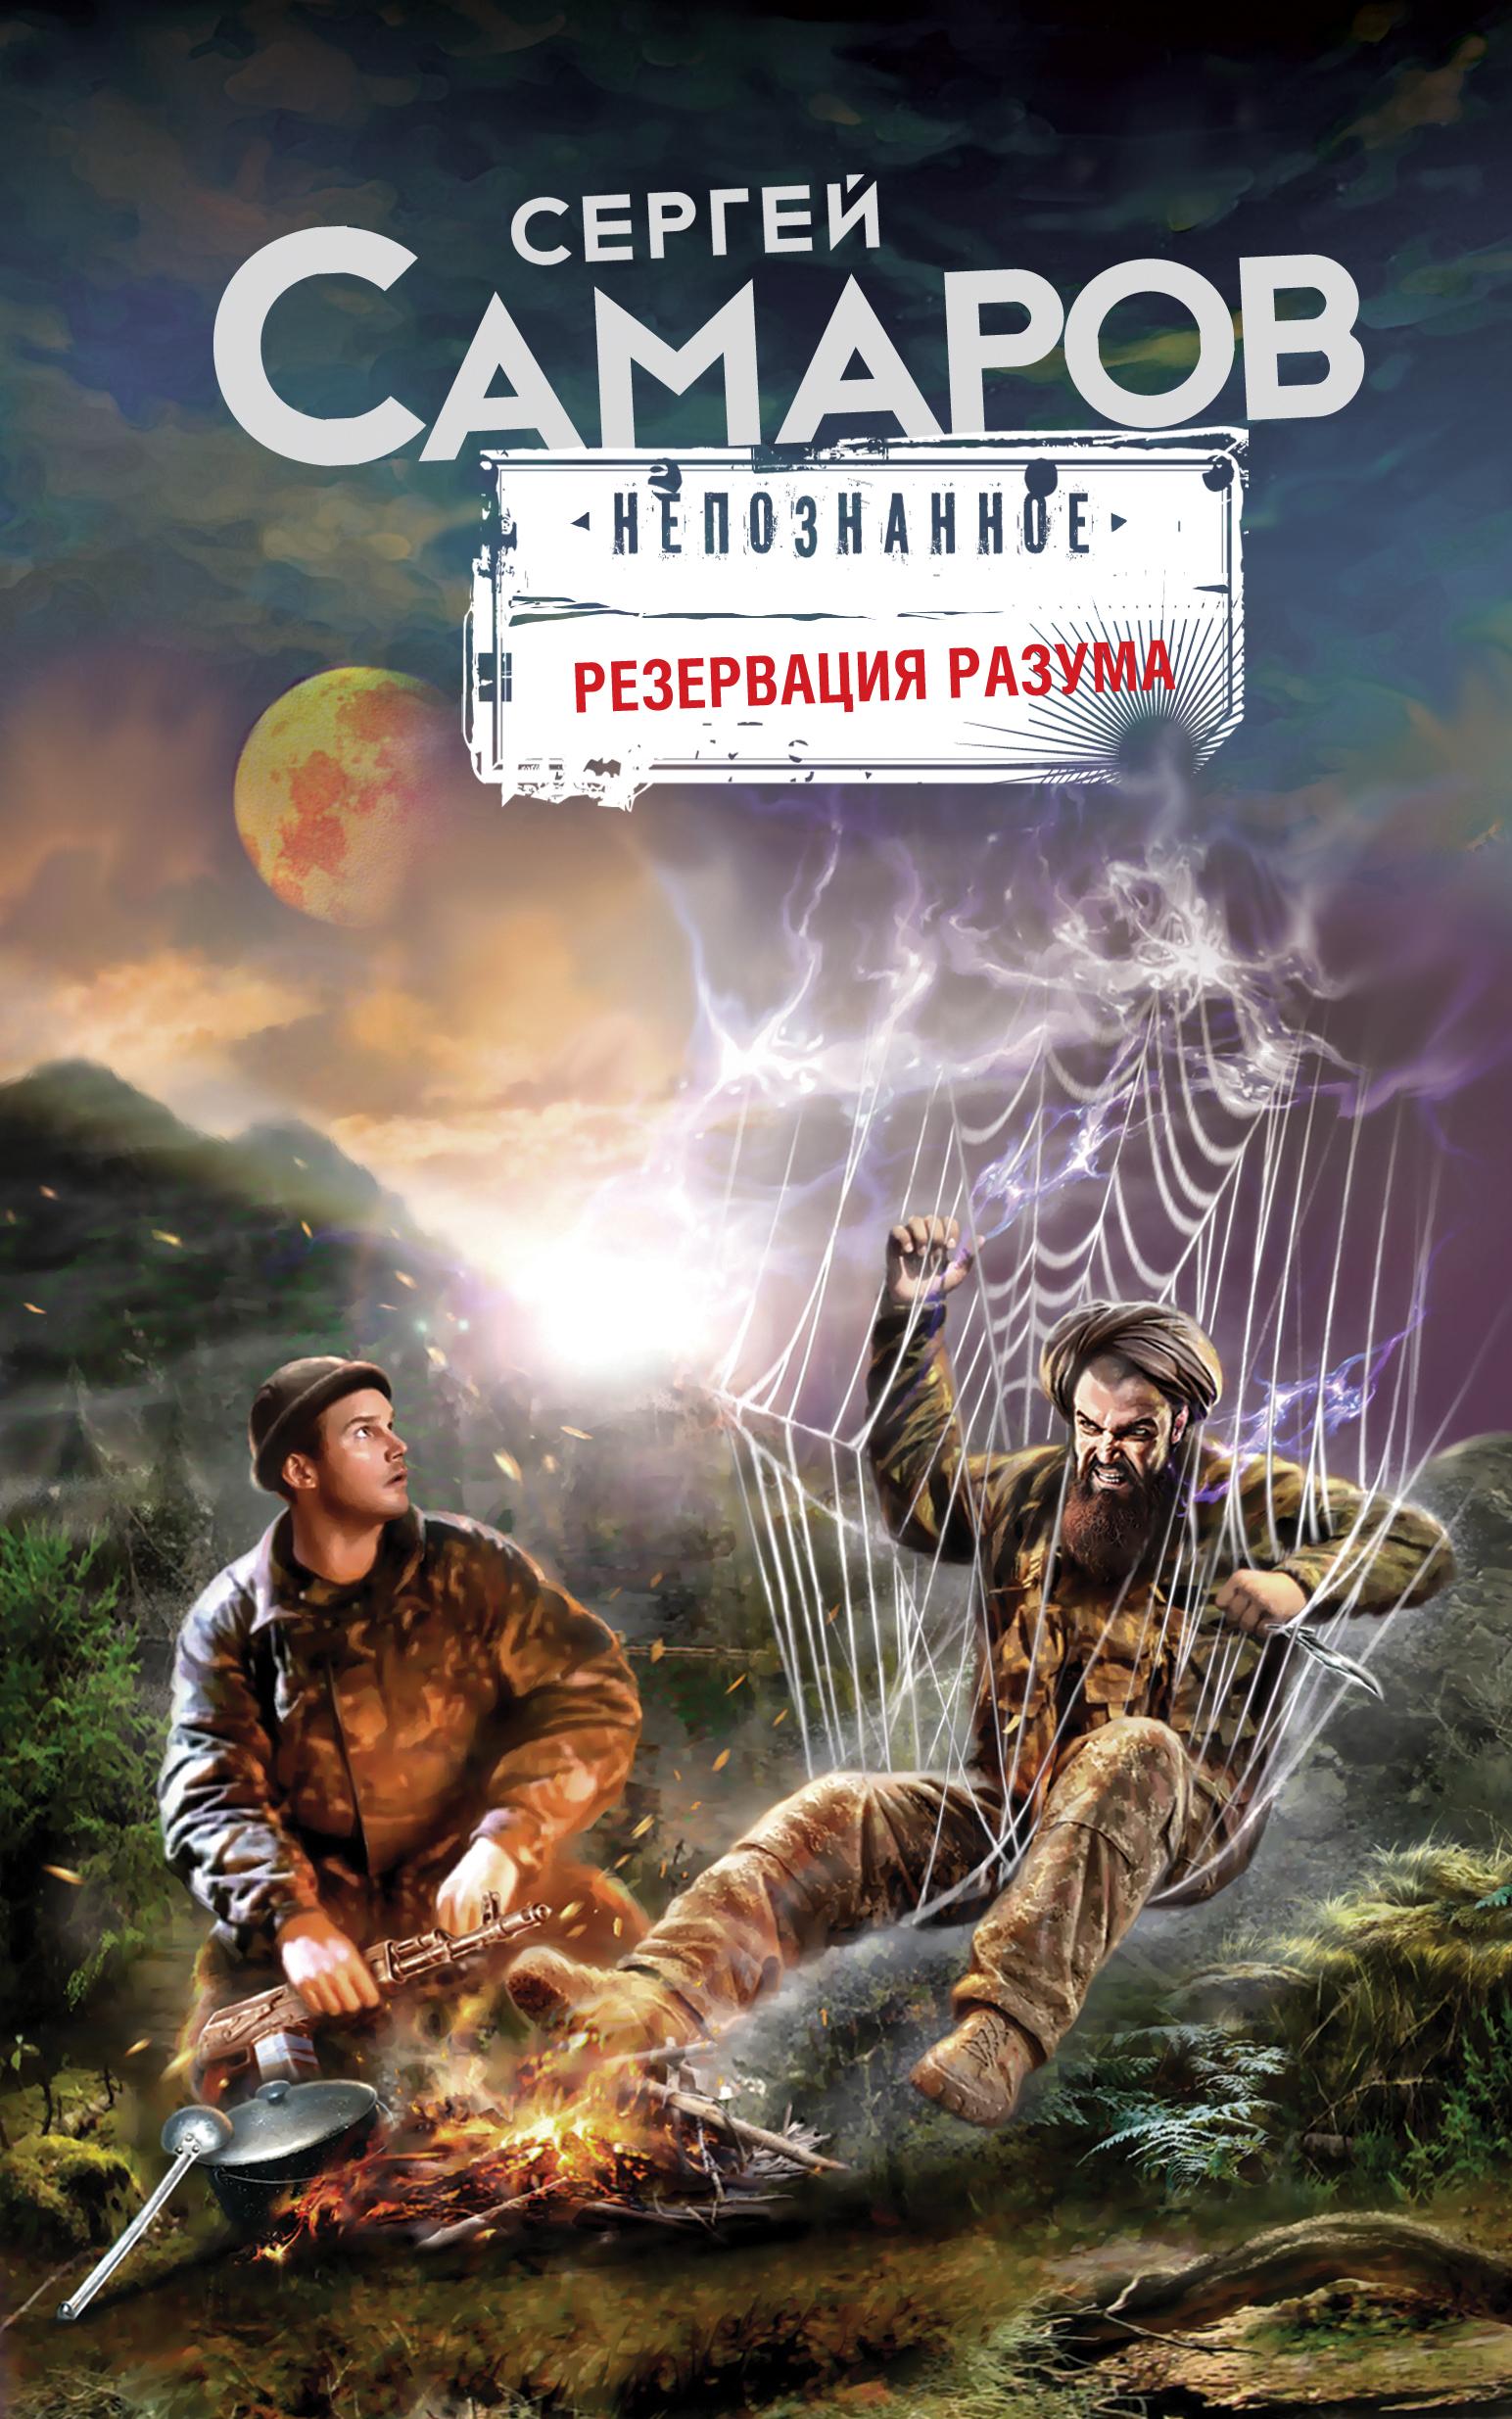 Сергей Самаров Резервация разума